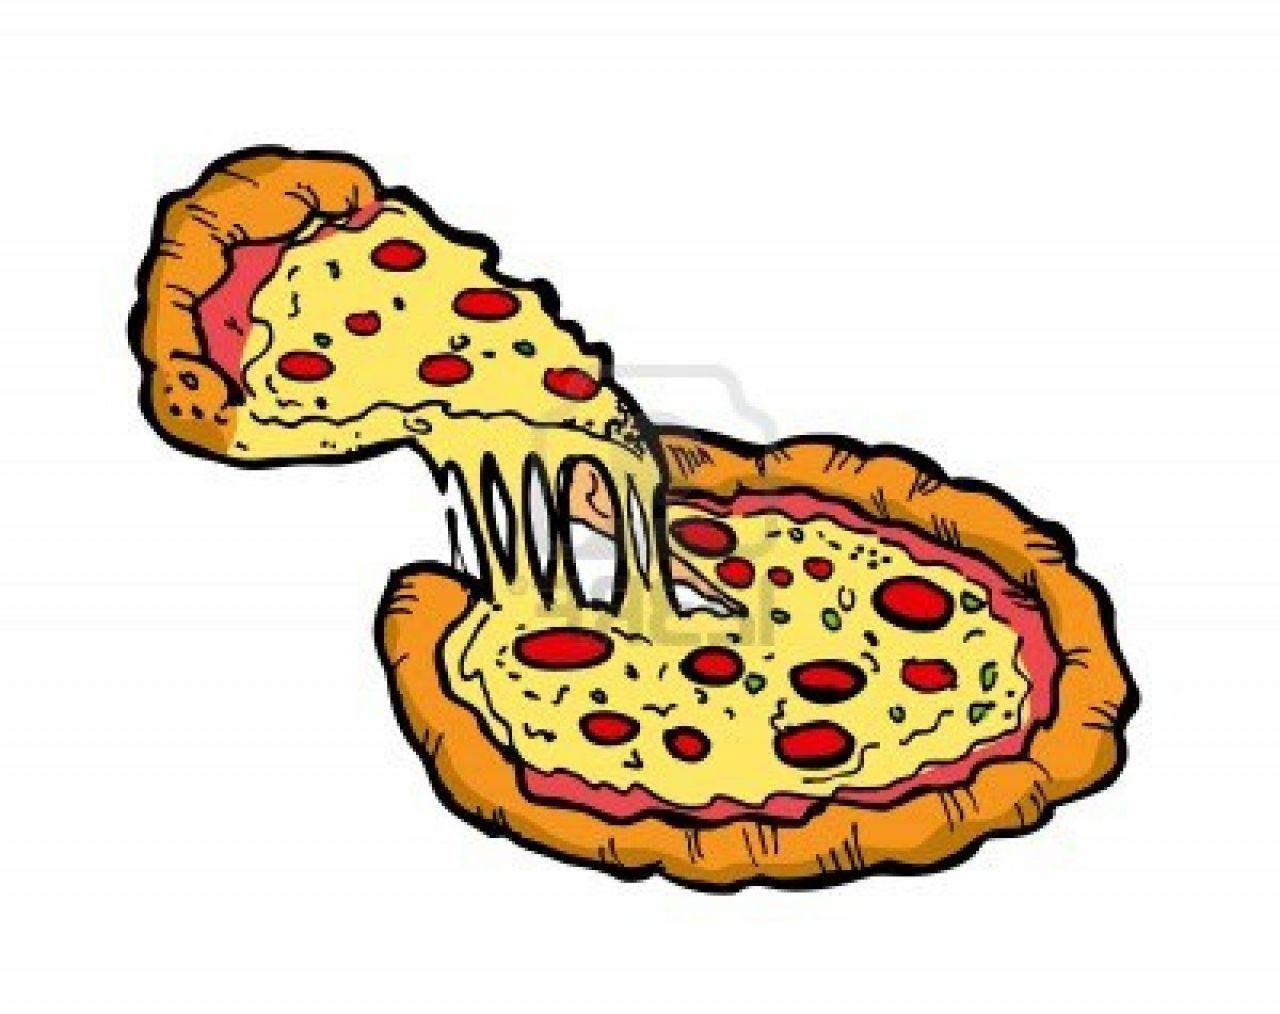 1280x1014 Pepperoni Pizza Slice Clip Art